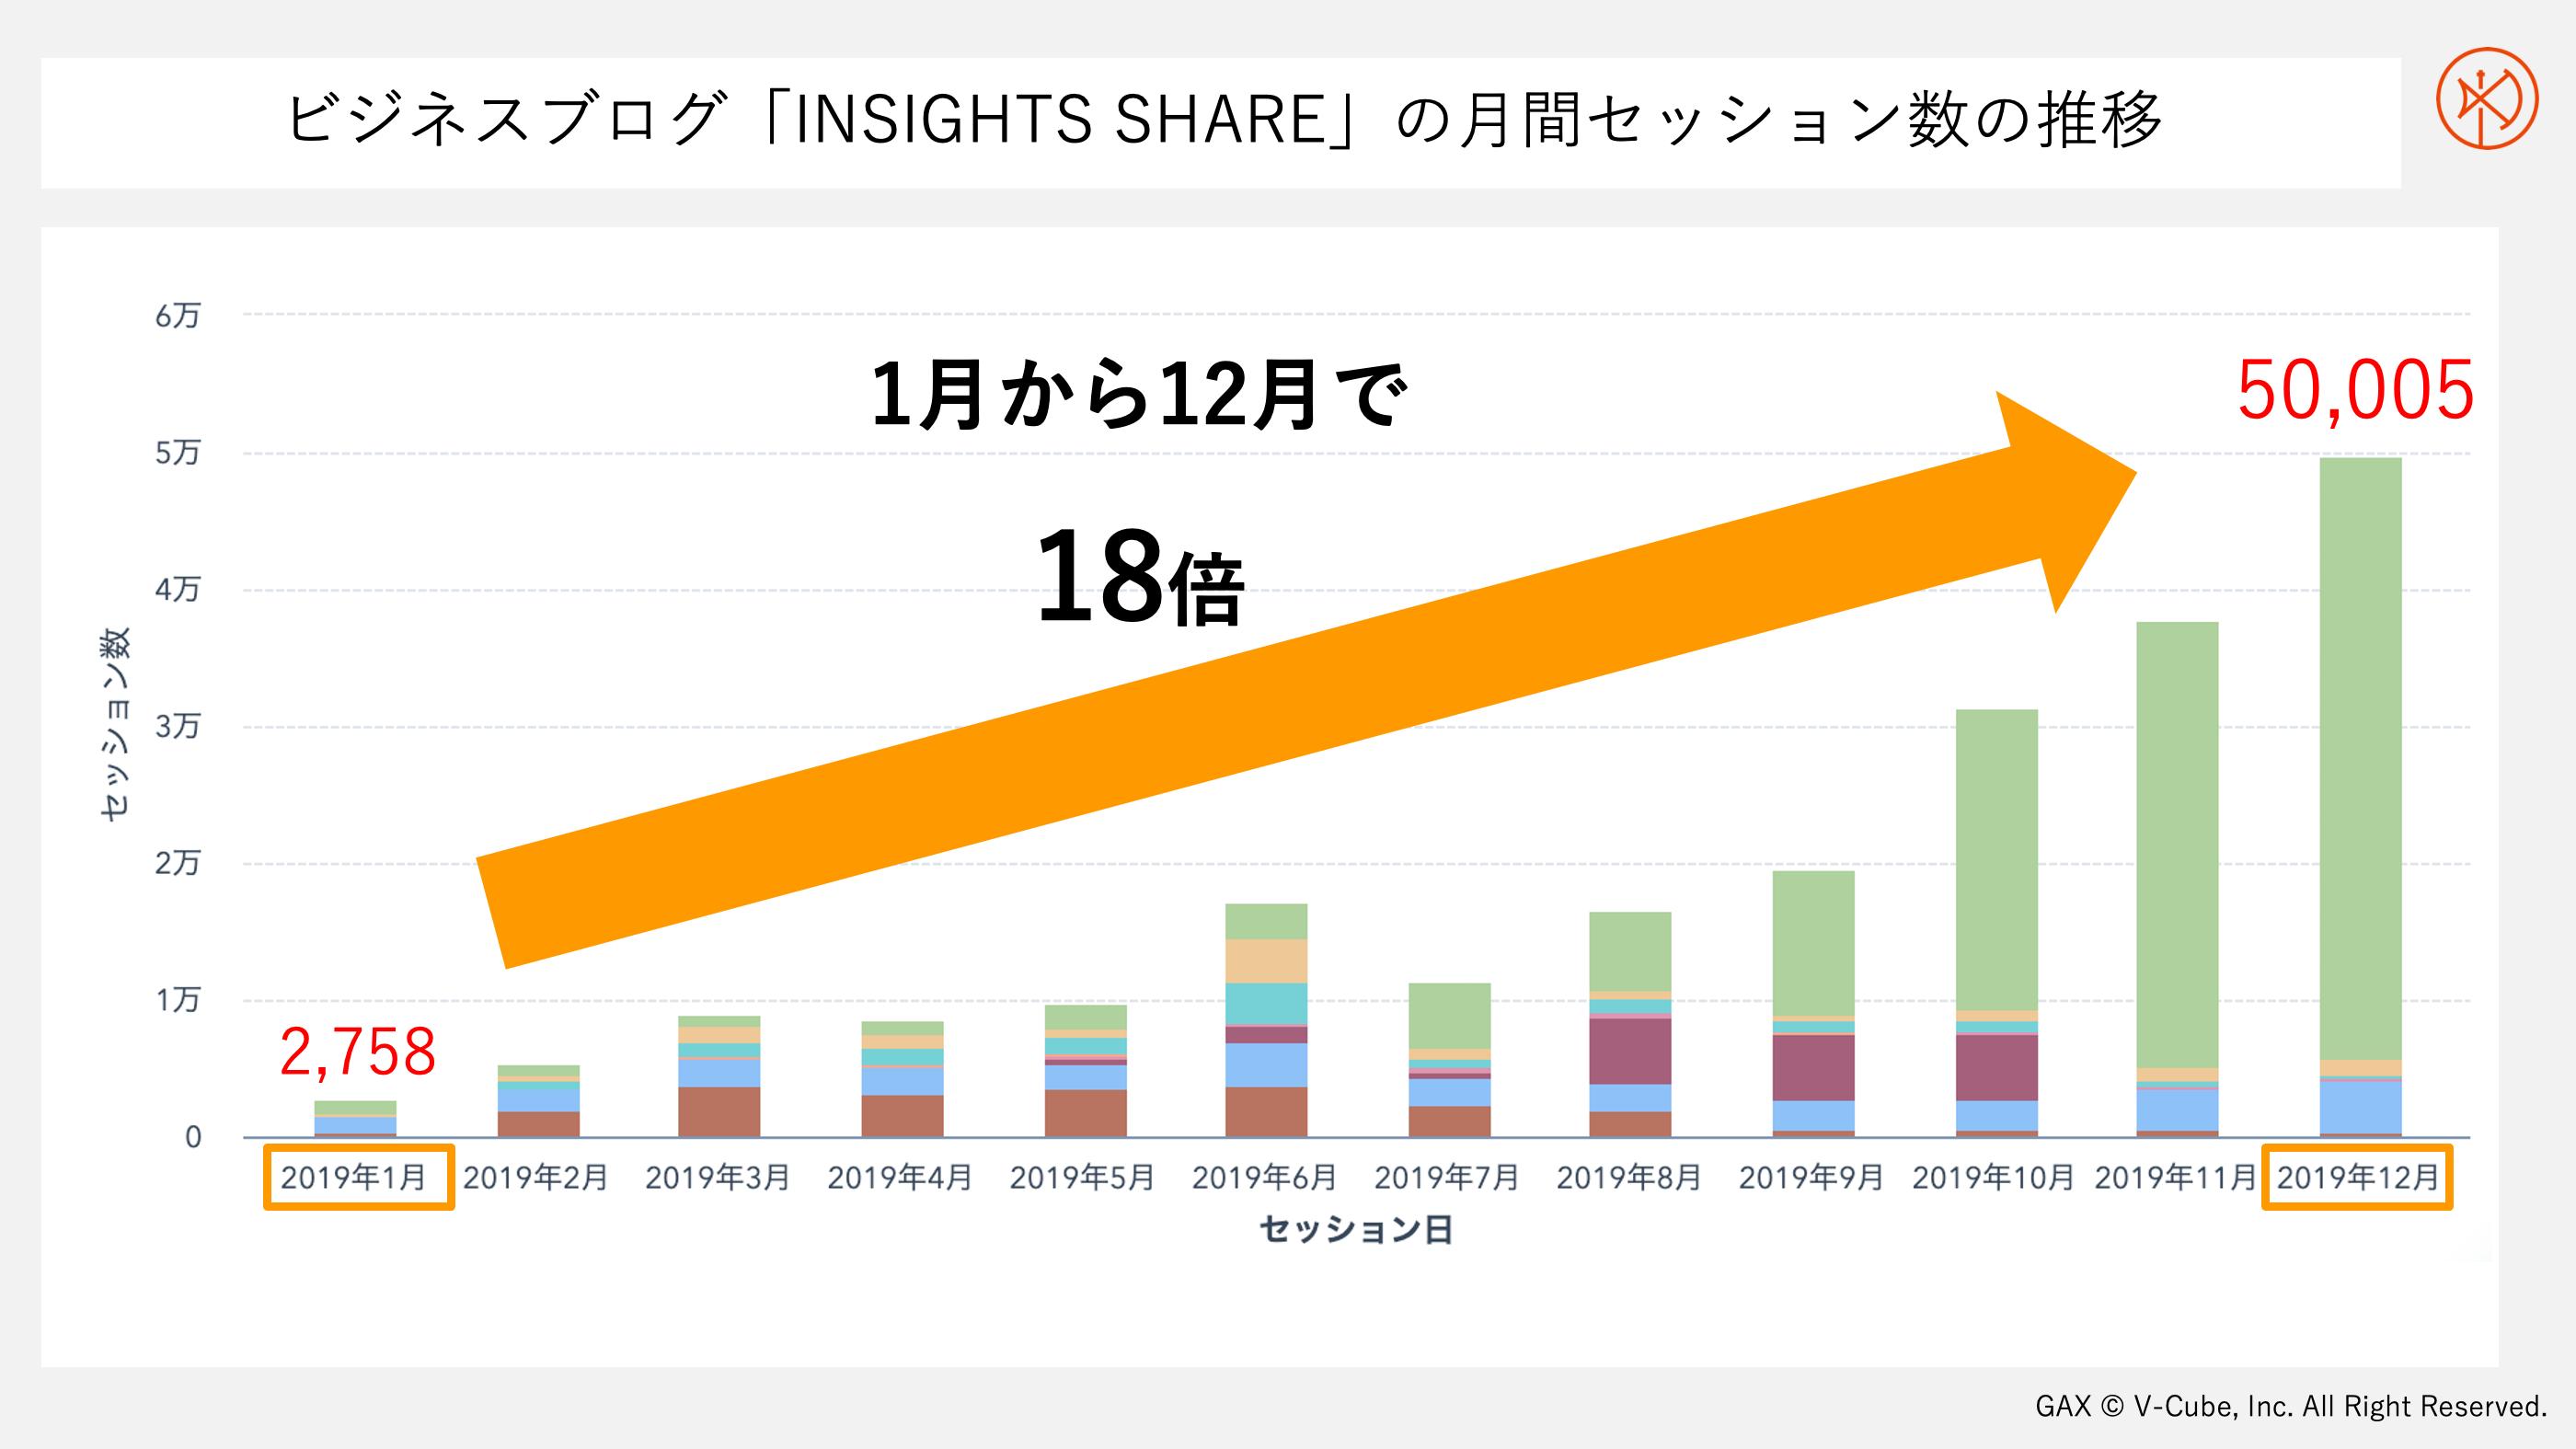 ビジネスブログ「INSIGHTS SHARE」月間セッション数の推移